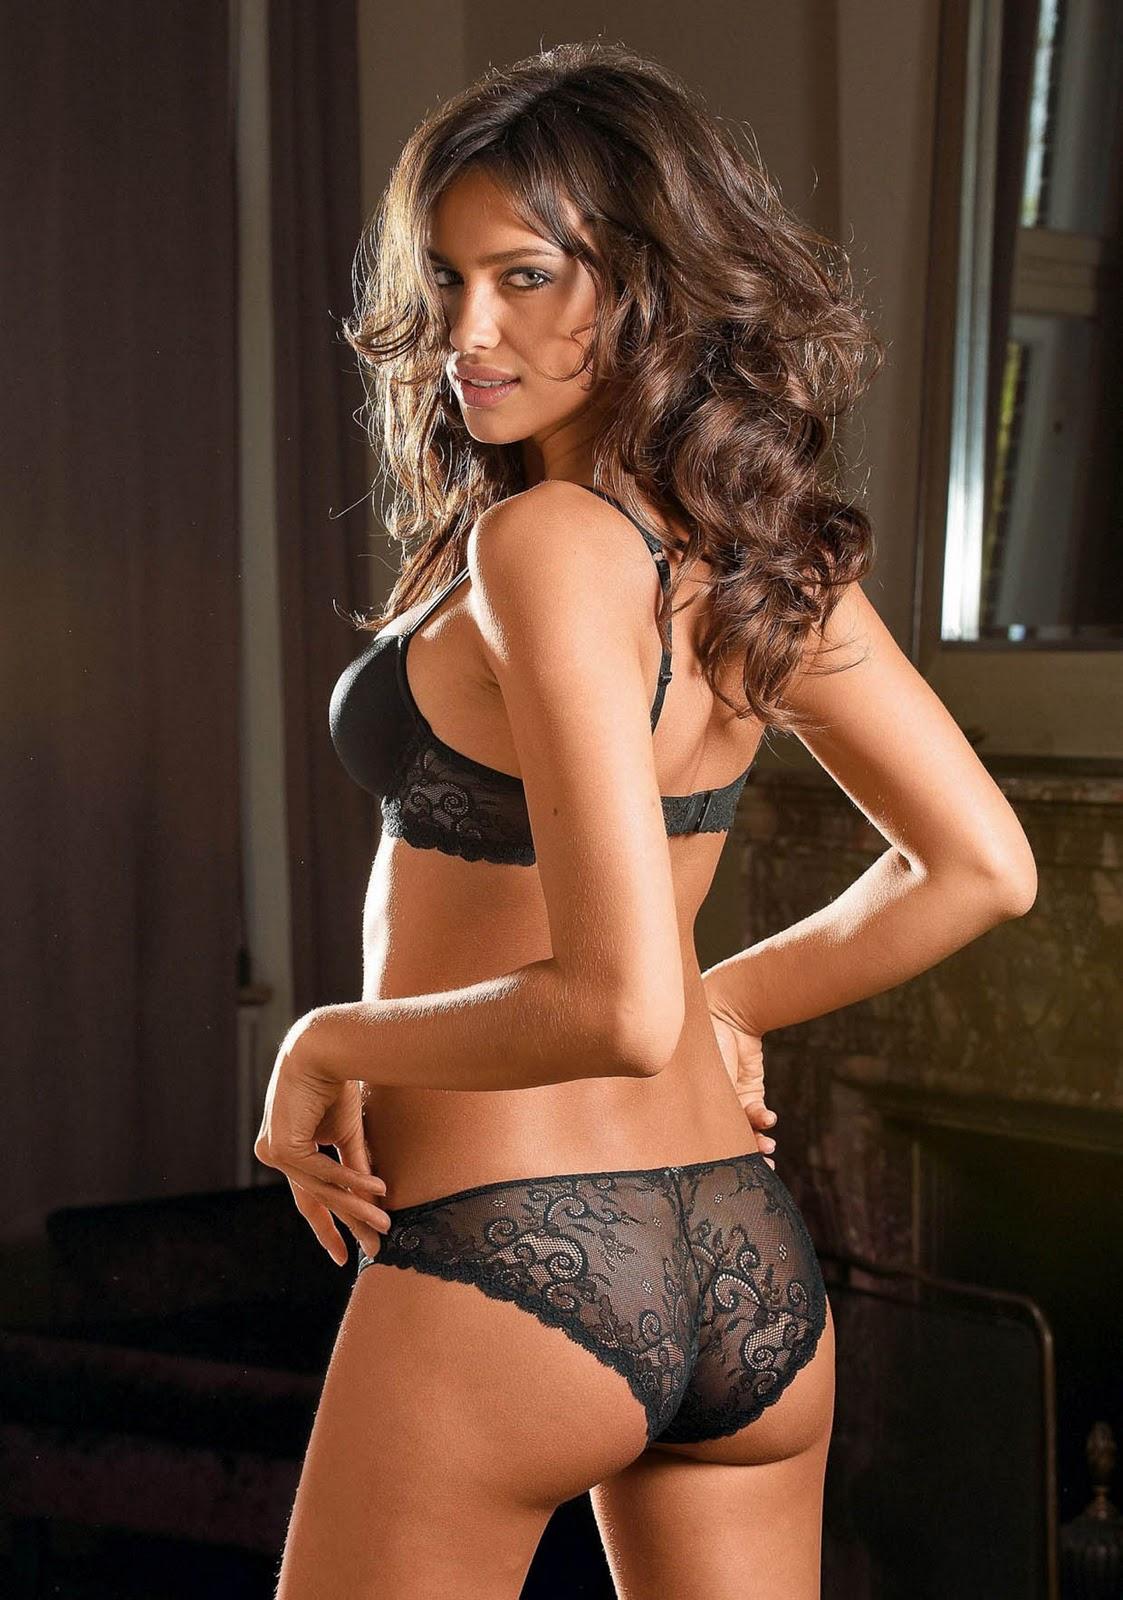 http://4.bp.blogspot.com/-VZJOUesPfA4/TVyAadFEAQI/AAAAAAAAAoU/SeR_PrkkX8c/s1600/irina_shayk_lingerie_new_5.jpg